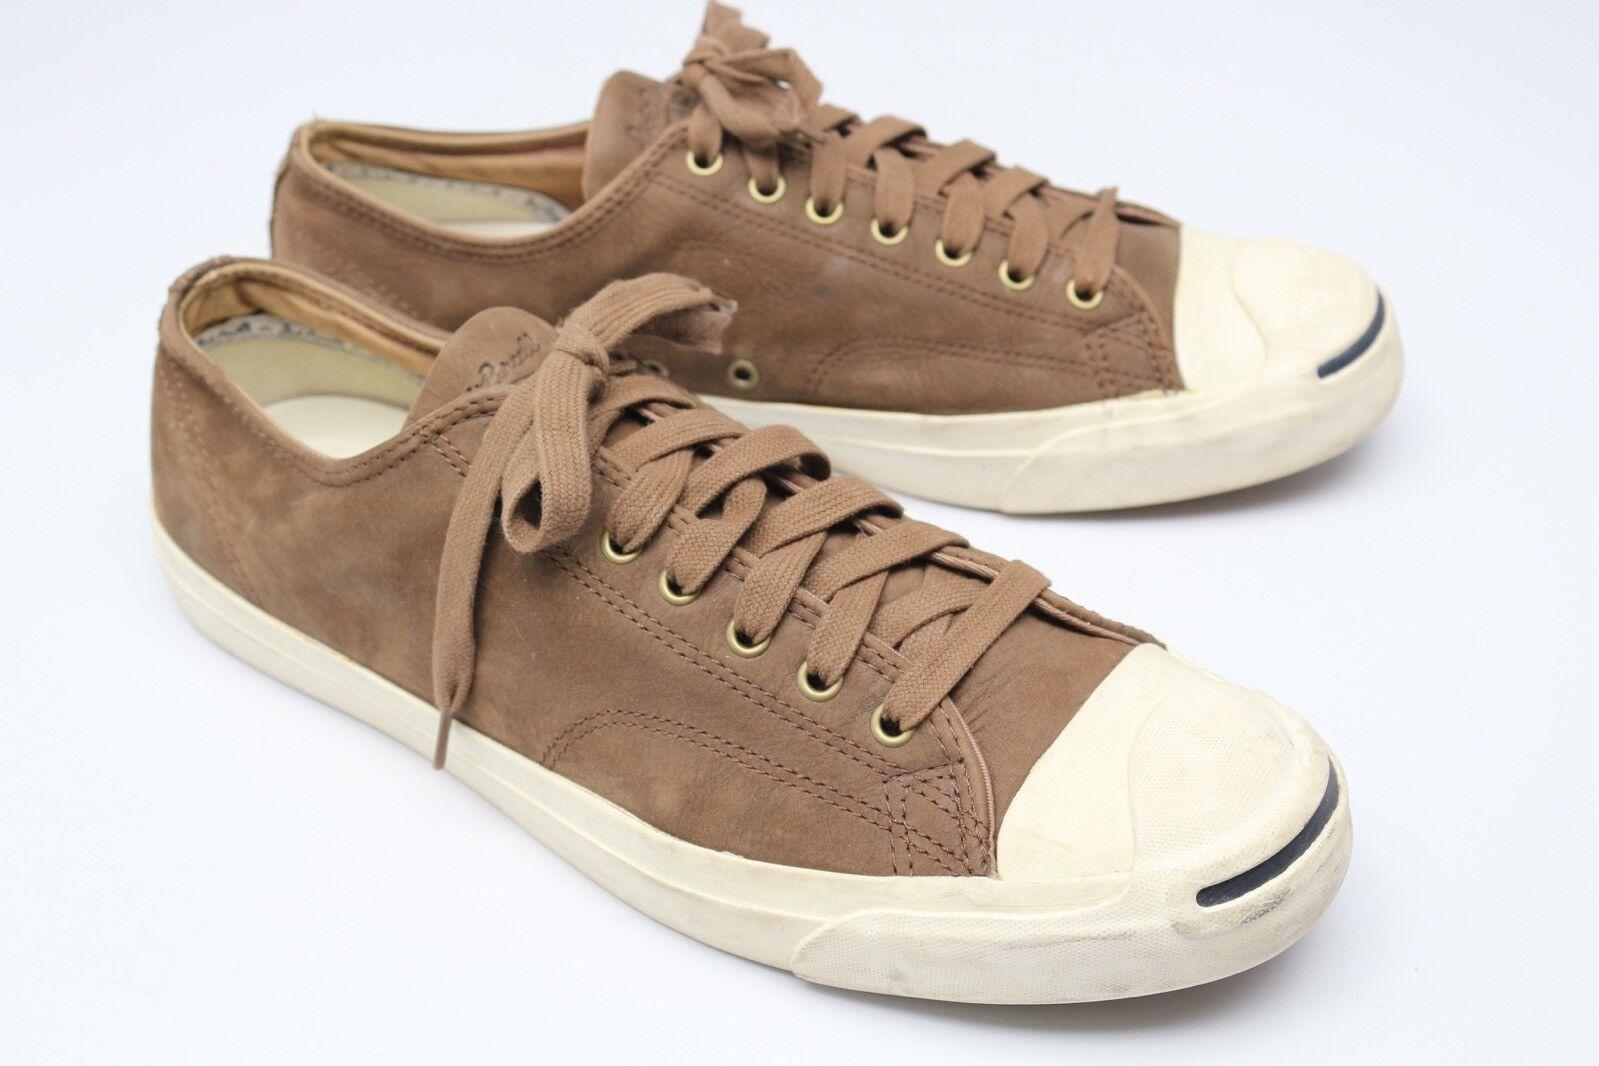 converse jack purcell 13 mode cuir chaussures en 125234c daim à faible 125234c en moka 7b4a87